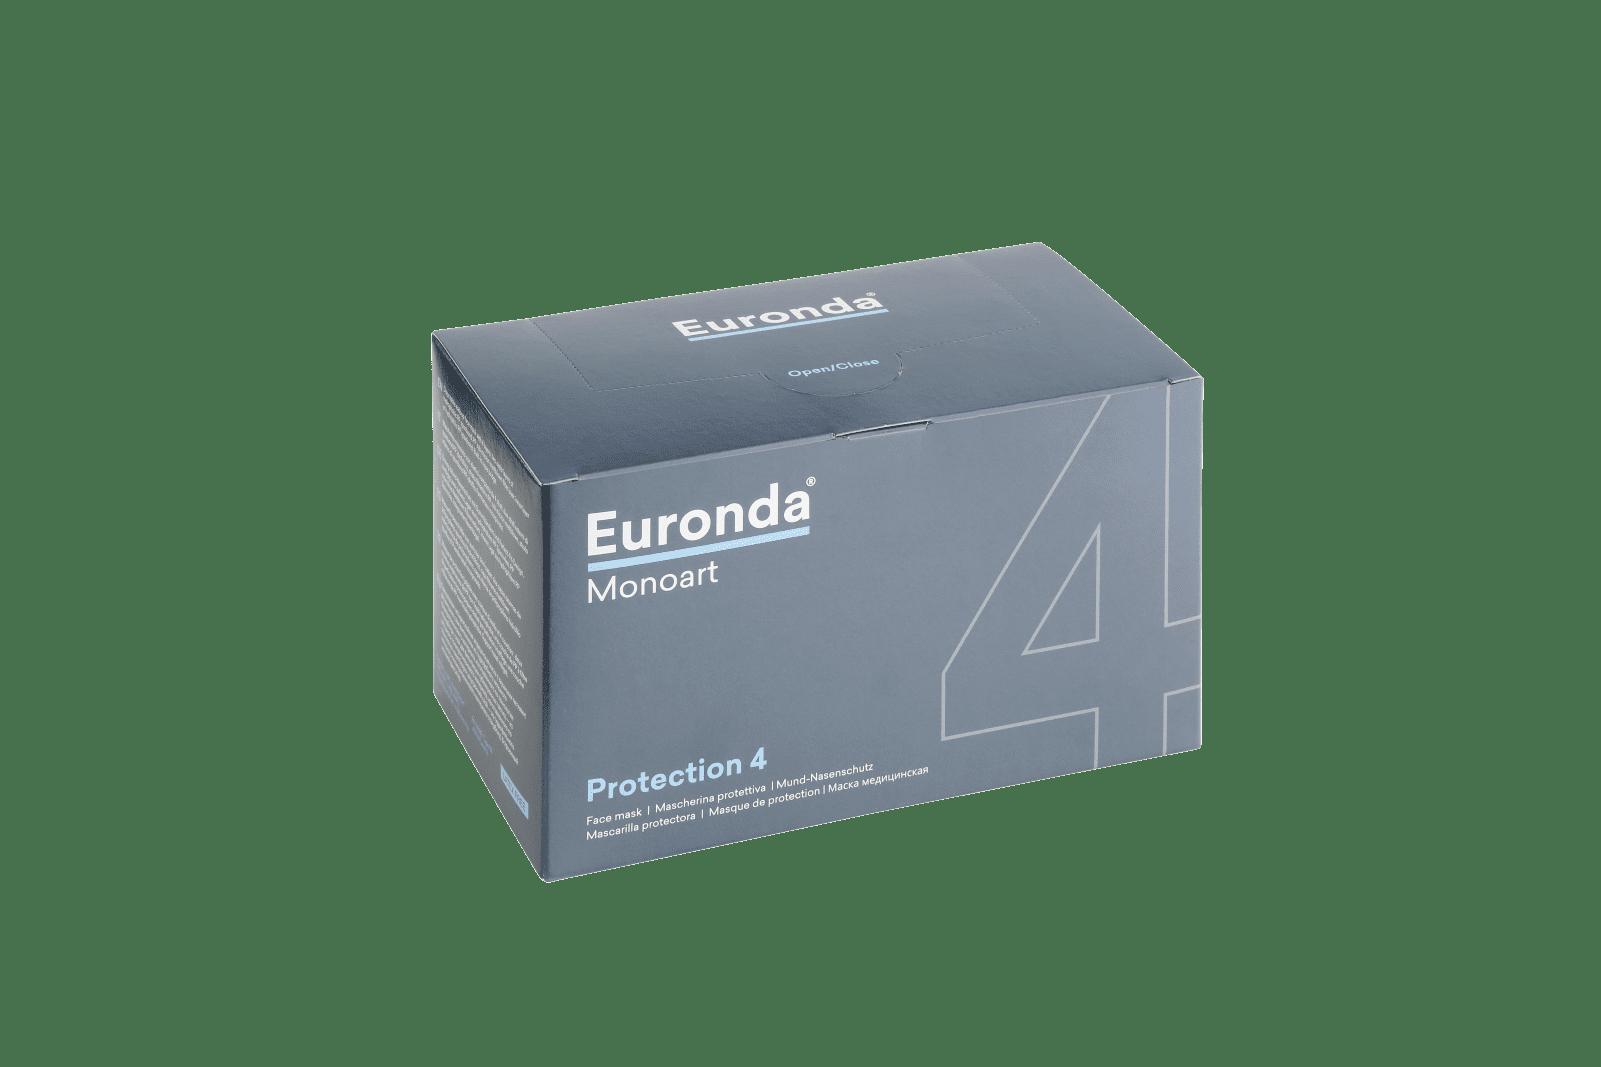 Monoart Mund-Nasenschutz 4-lagig, Spenderbox